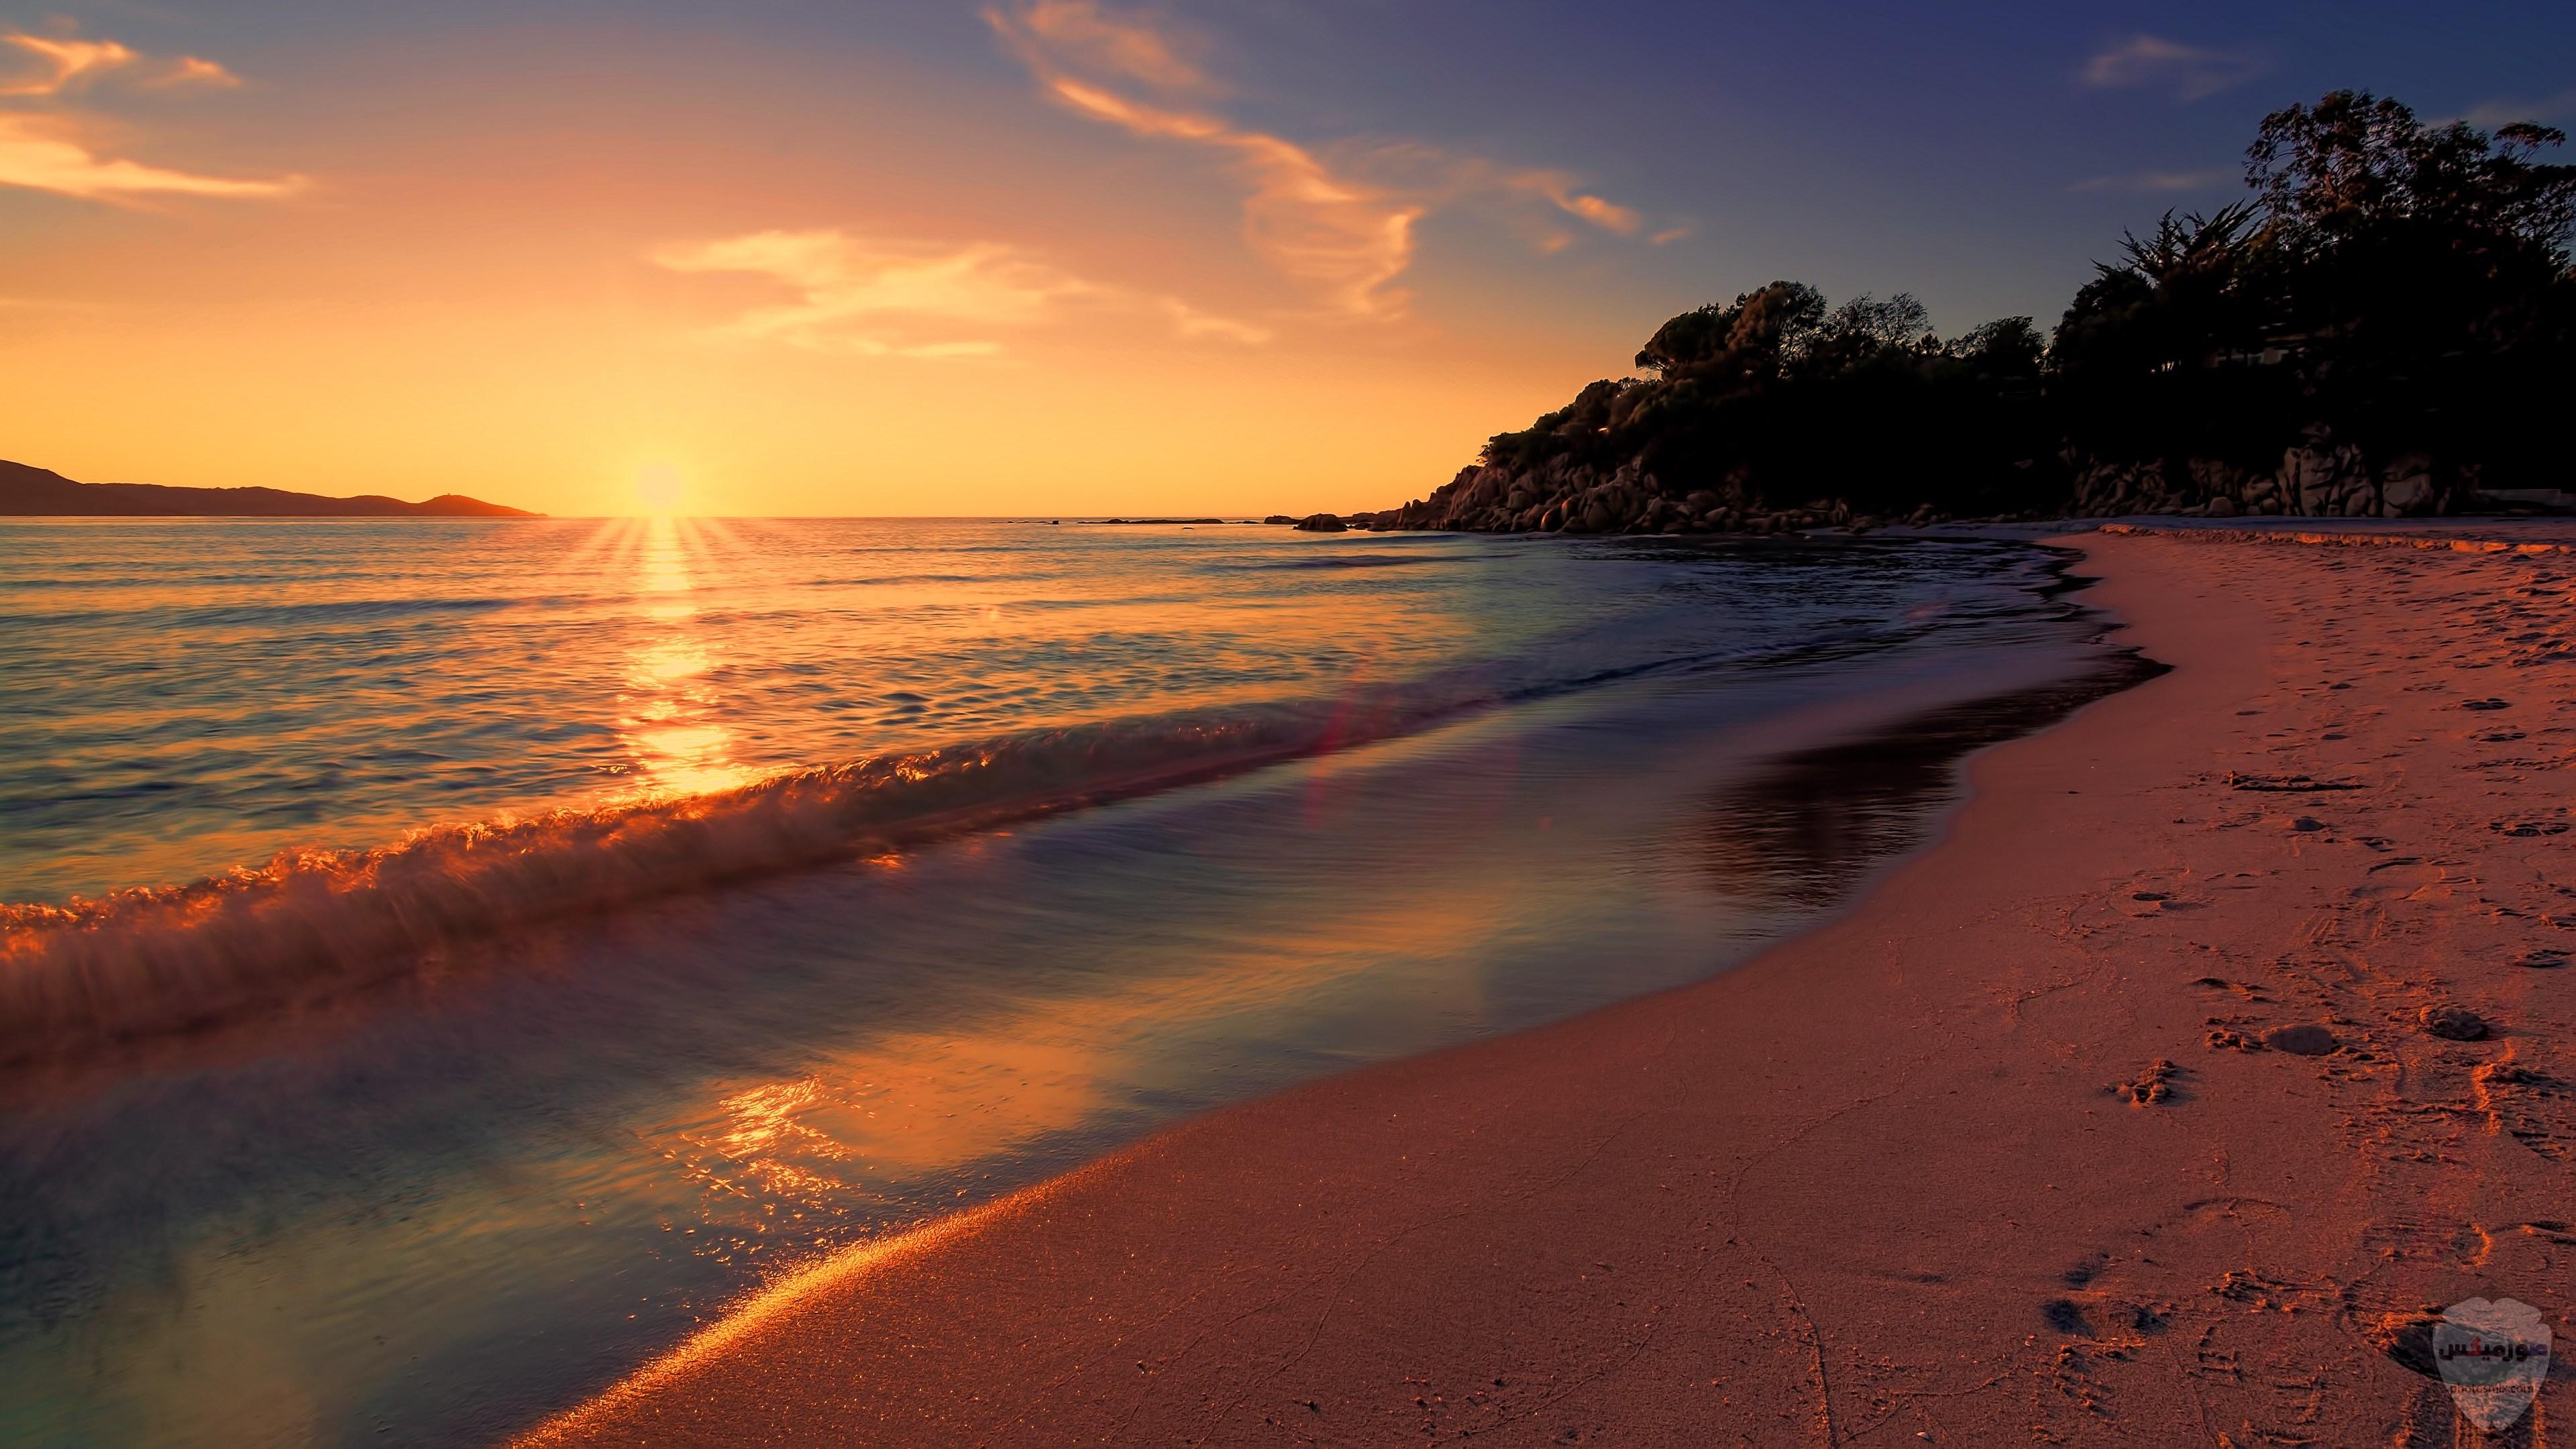 صور بحر وشاطئ صور وخلفيات بحور وشواطئ جميلة اجمل خلفيات بحار جودة عالية 13